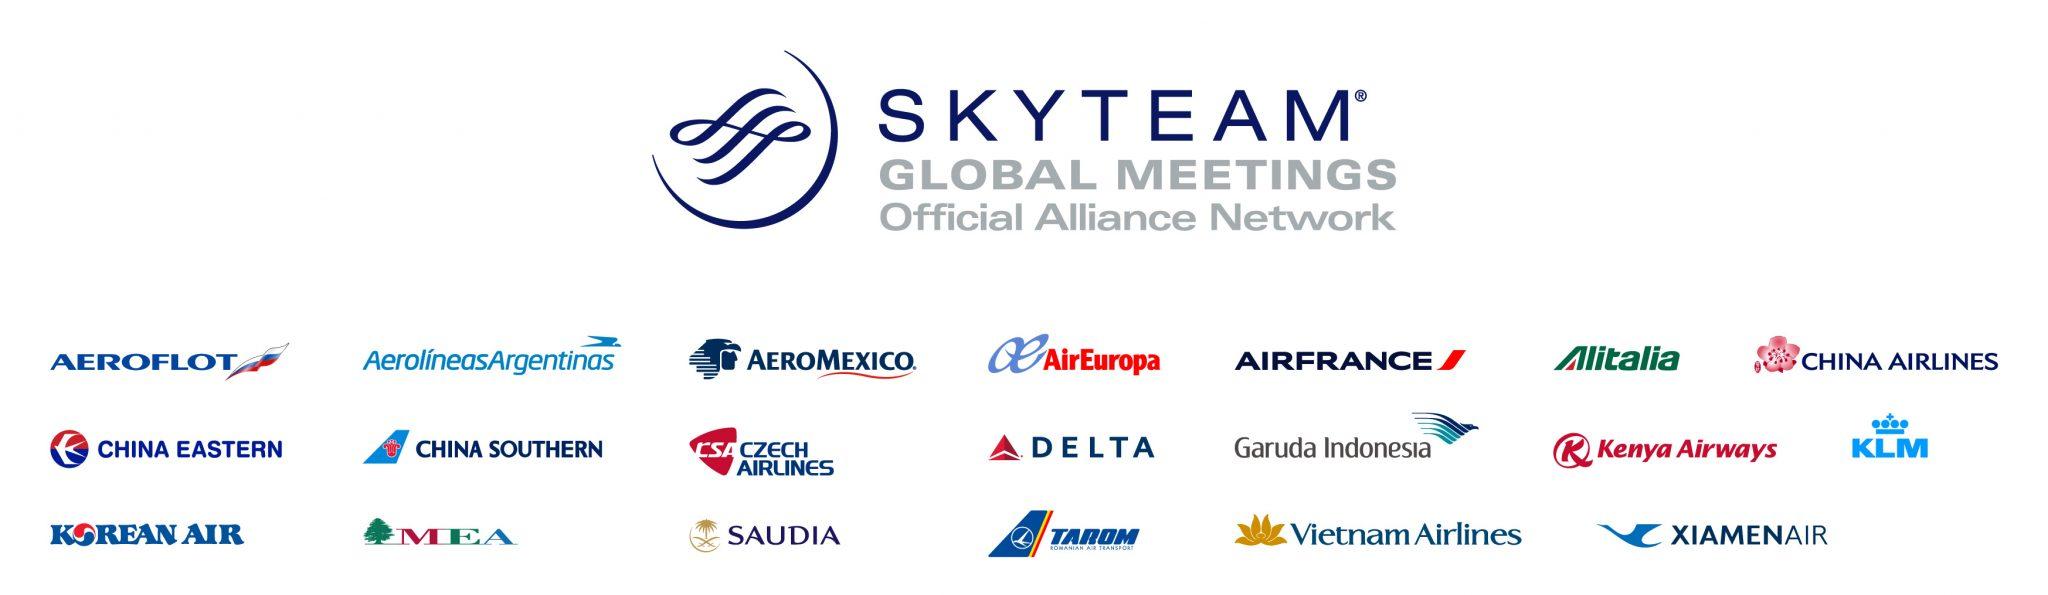 Líneas aéreas que pertenecen a Sky Team